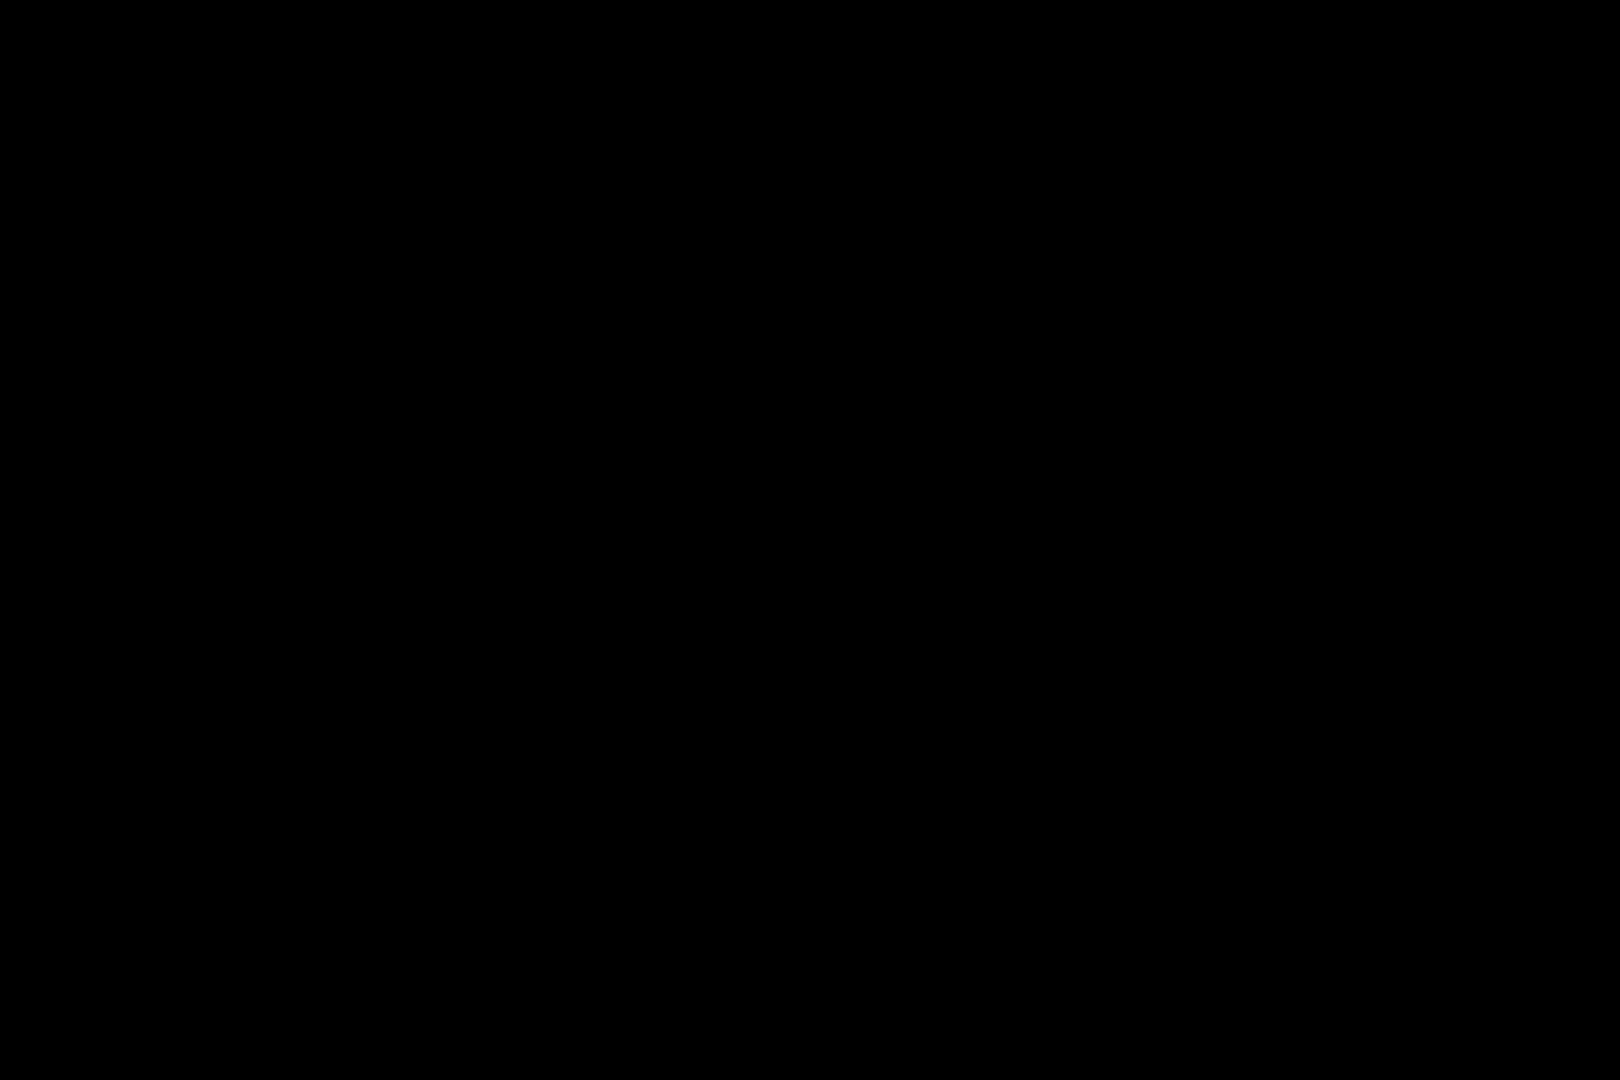 充血監督の深夜の運動会Vol.14 お尻  106PICs 24